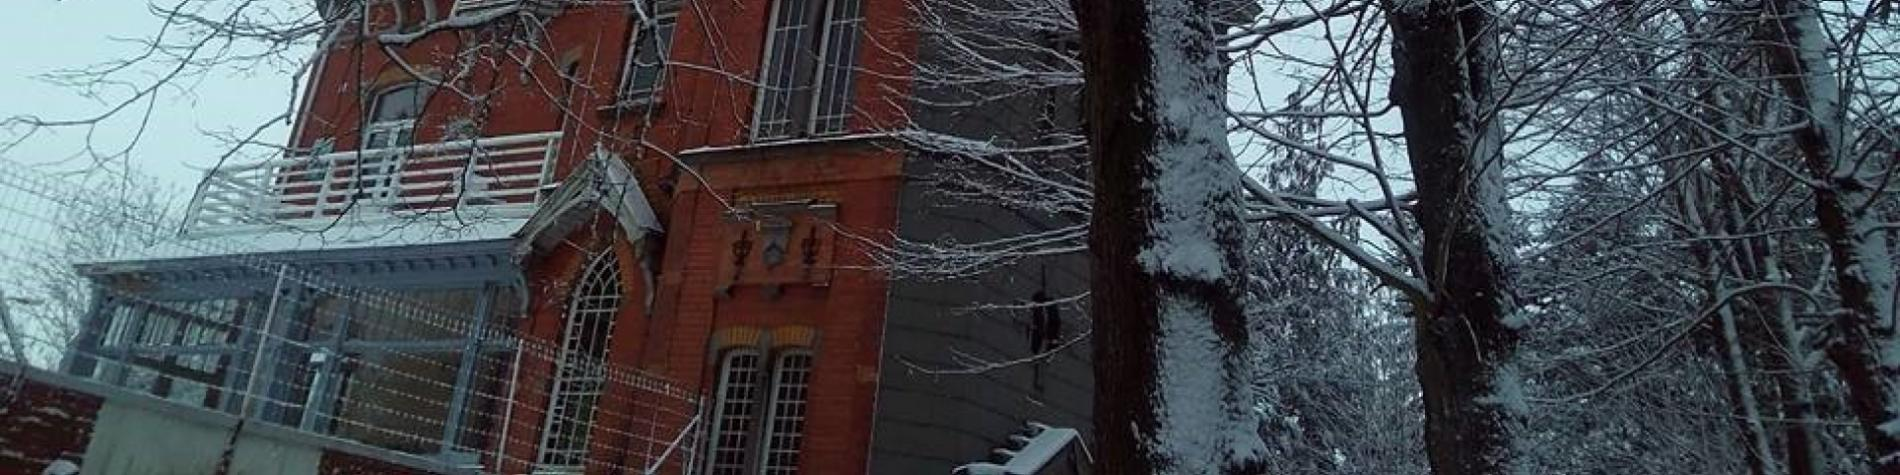 Maison d'hôtes - Châtelet Cremers - Verviers